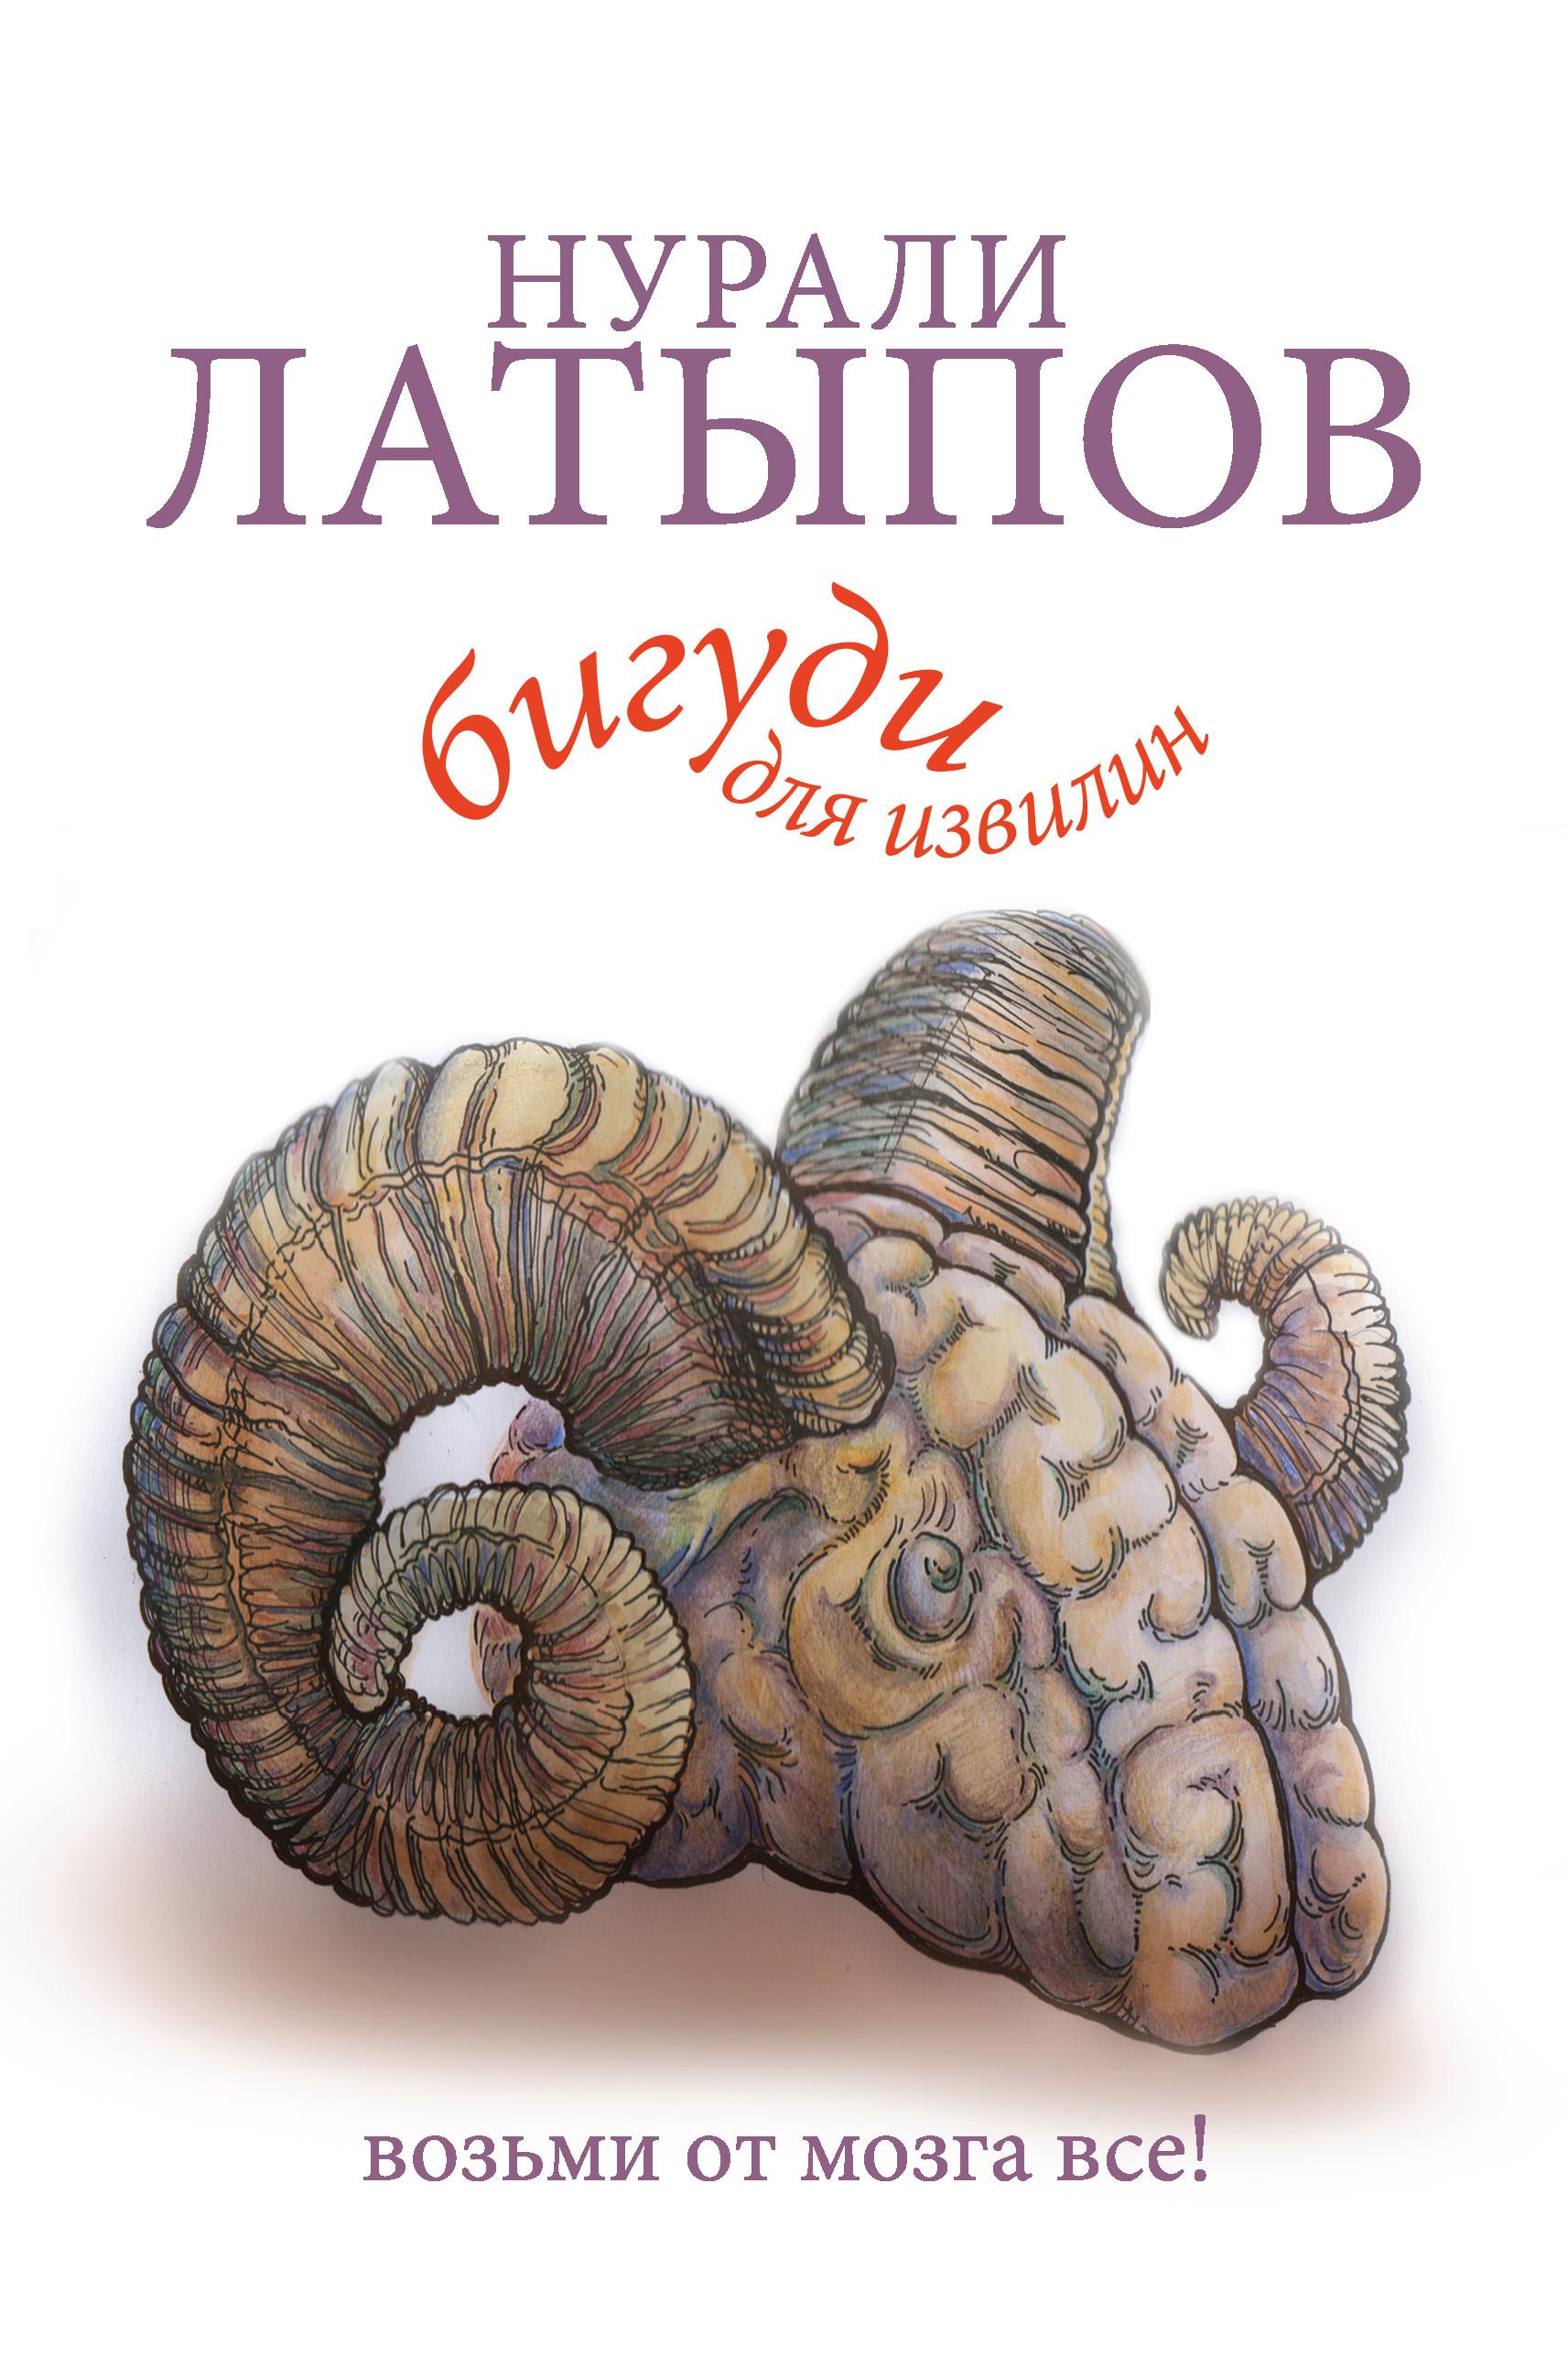 Нурали Латыпов «Бигуди для извилин. Возьми от мозга все!»